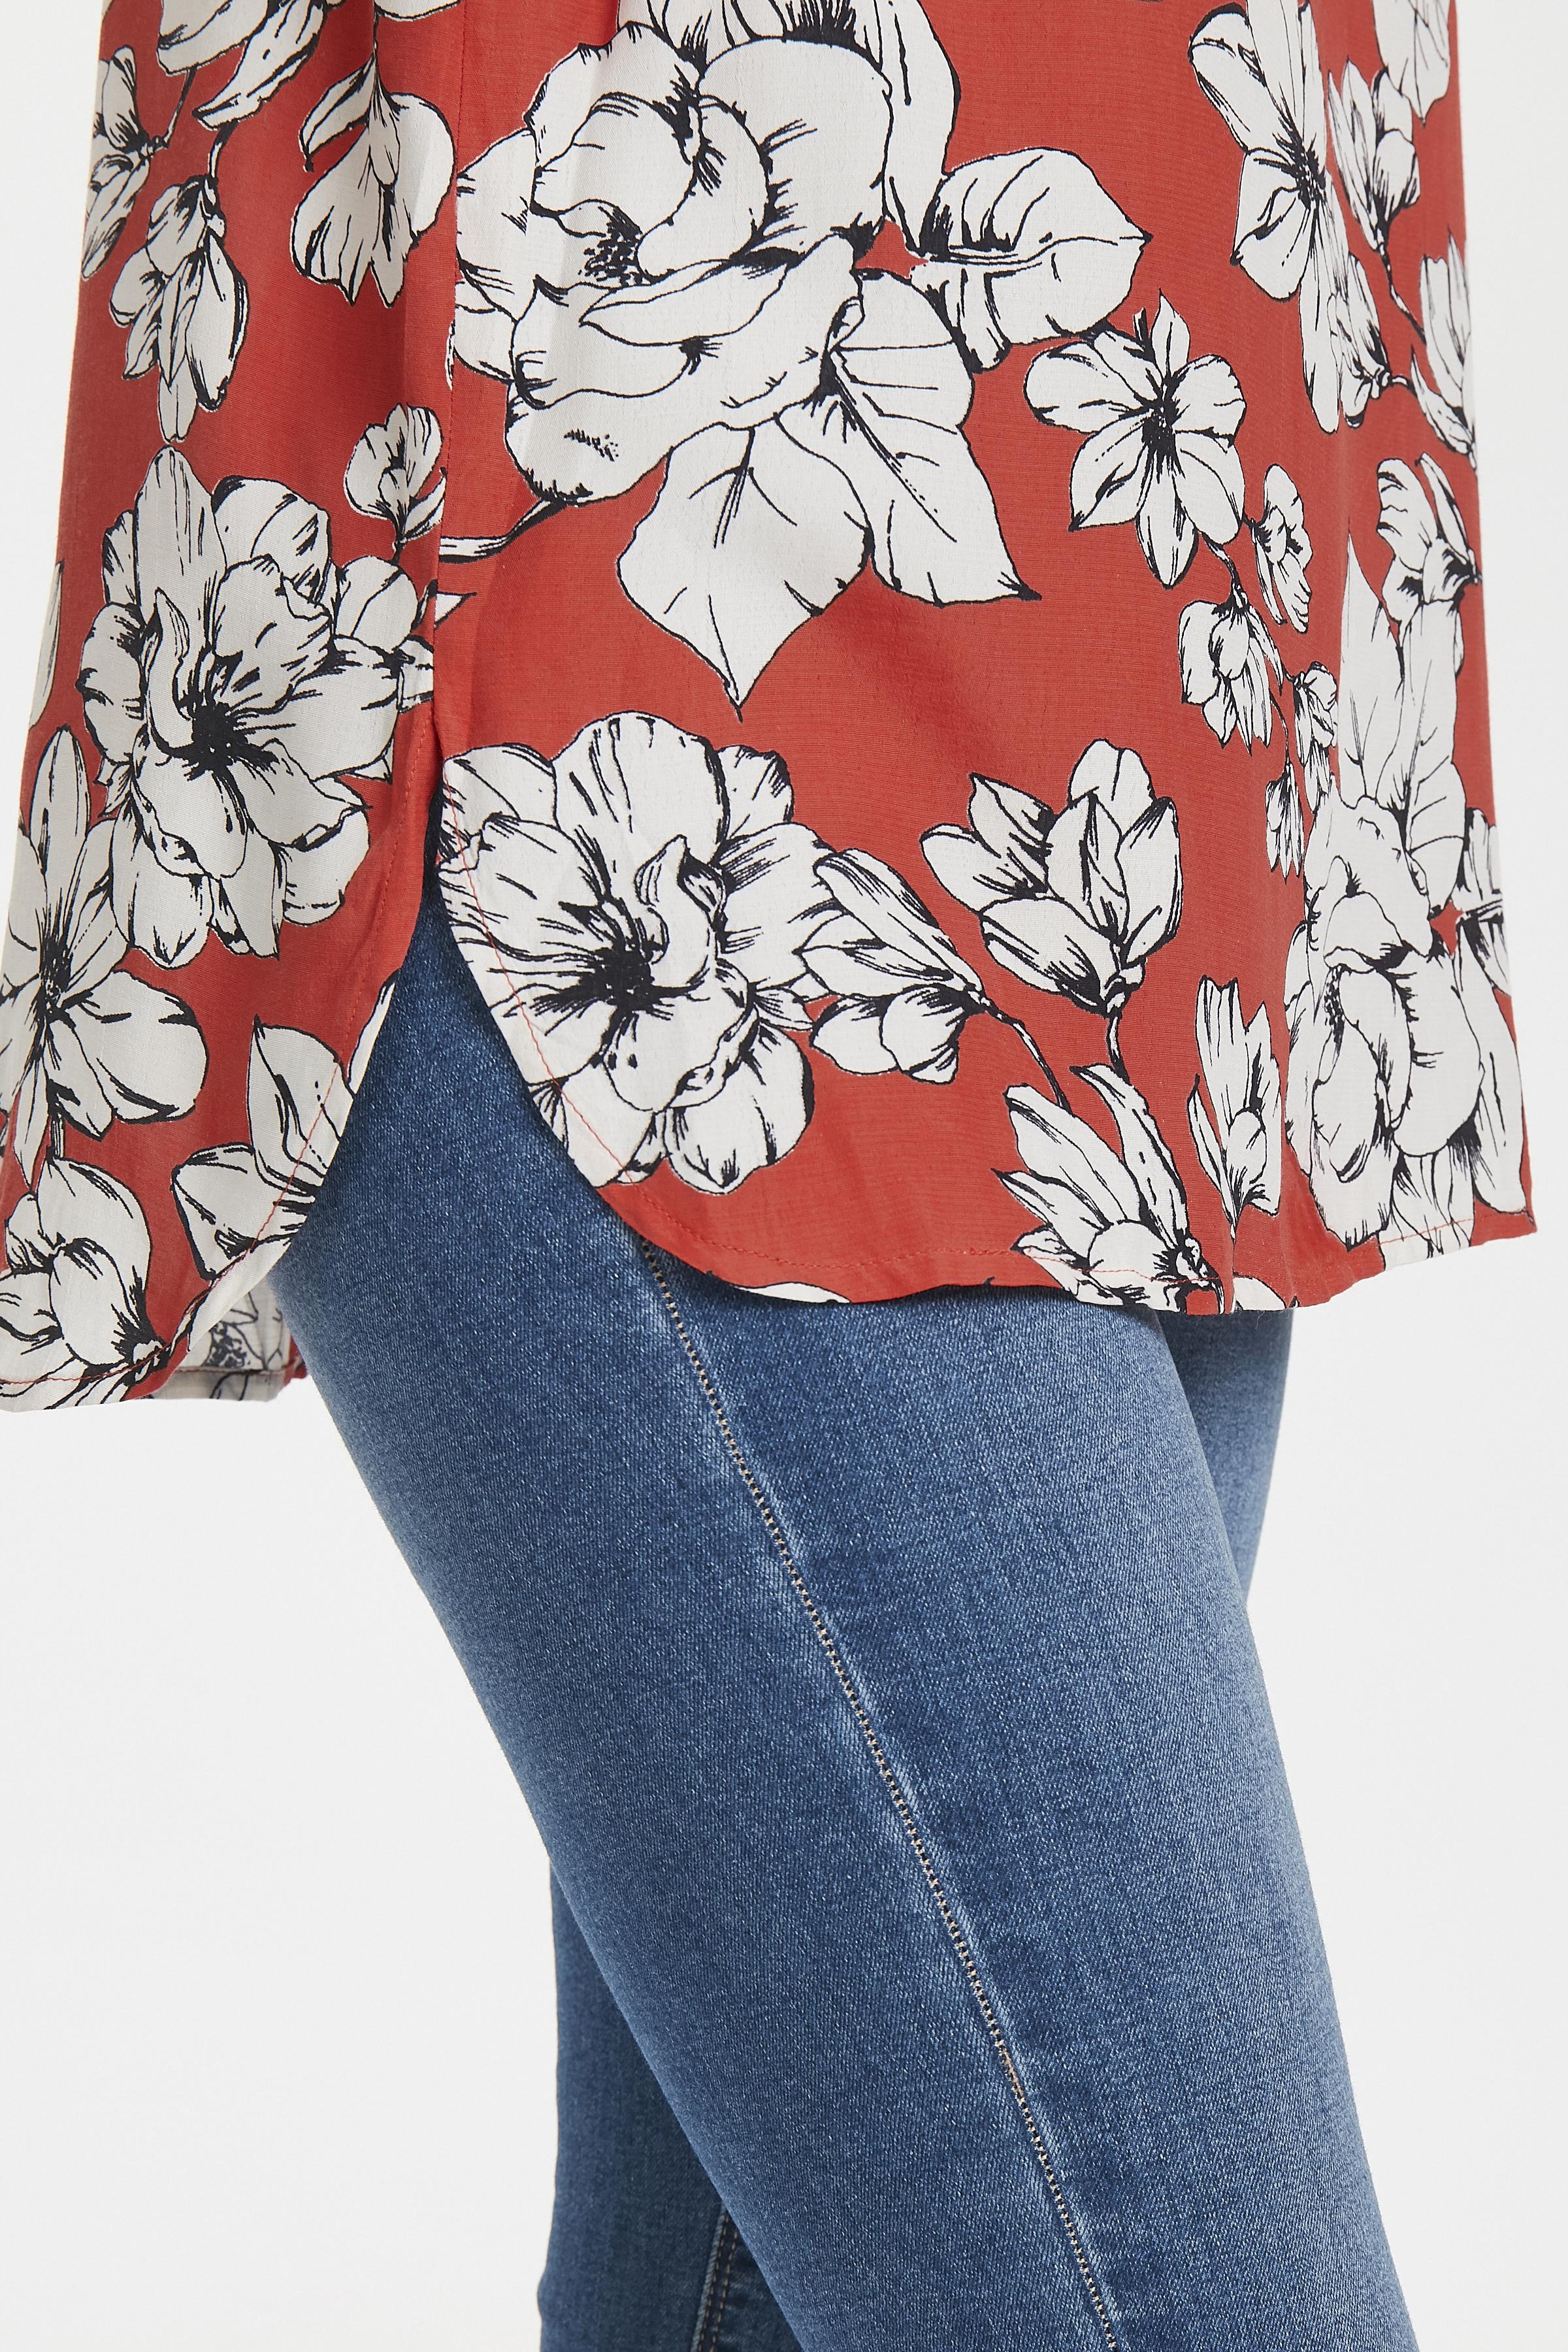 Staubrot/wollweiß Kurzarm-Bluse  von b.young – Shoppen Sie Staubrot/wollweiß Kurzarm-Bluse  ab Gr. 34-46 hier